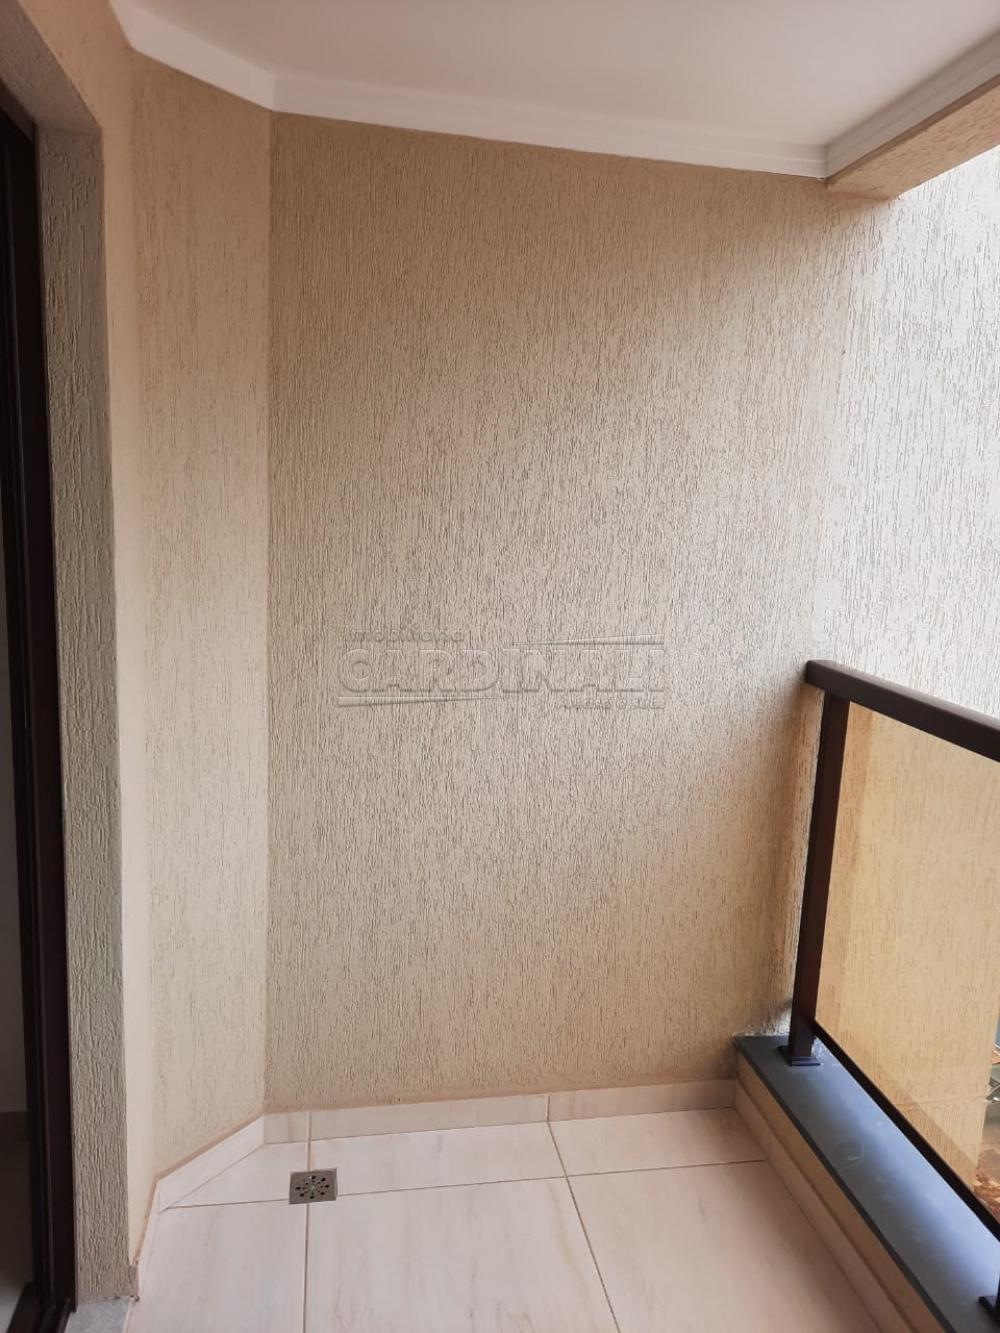 Alugar Apartamento / Padrão em São Carlos R$ 1.800,00 - Foto 9